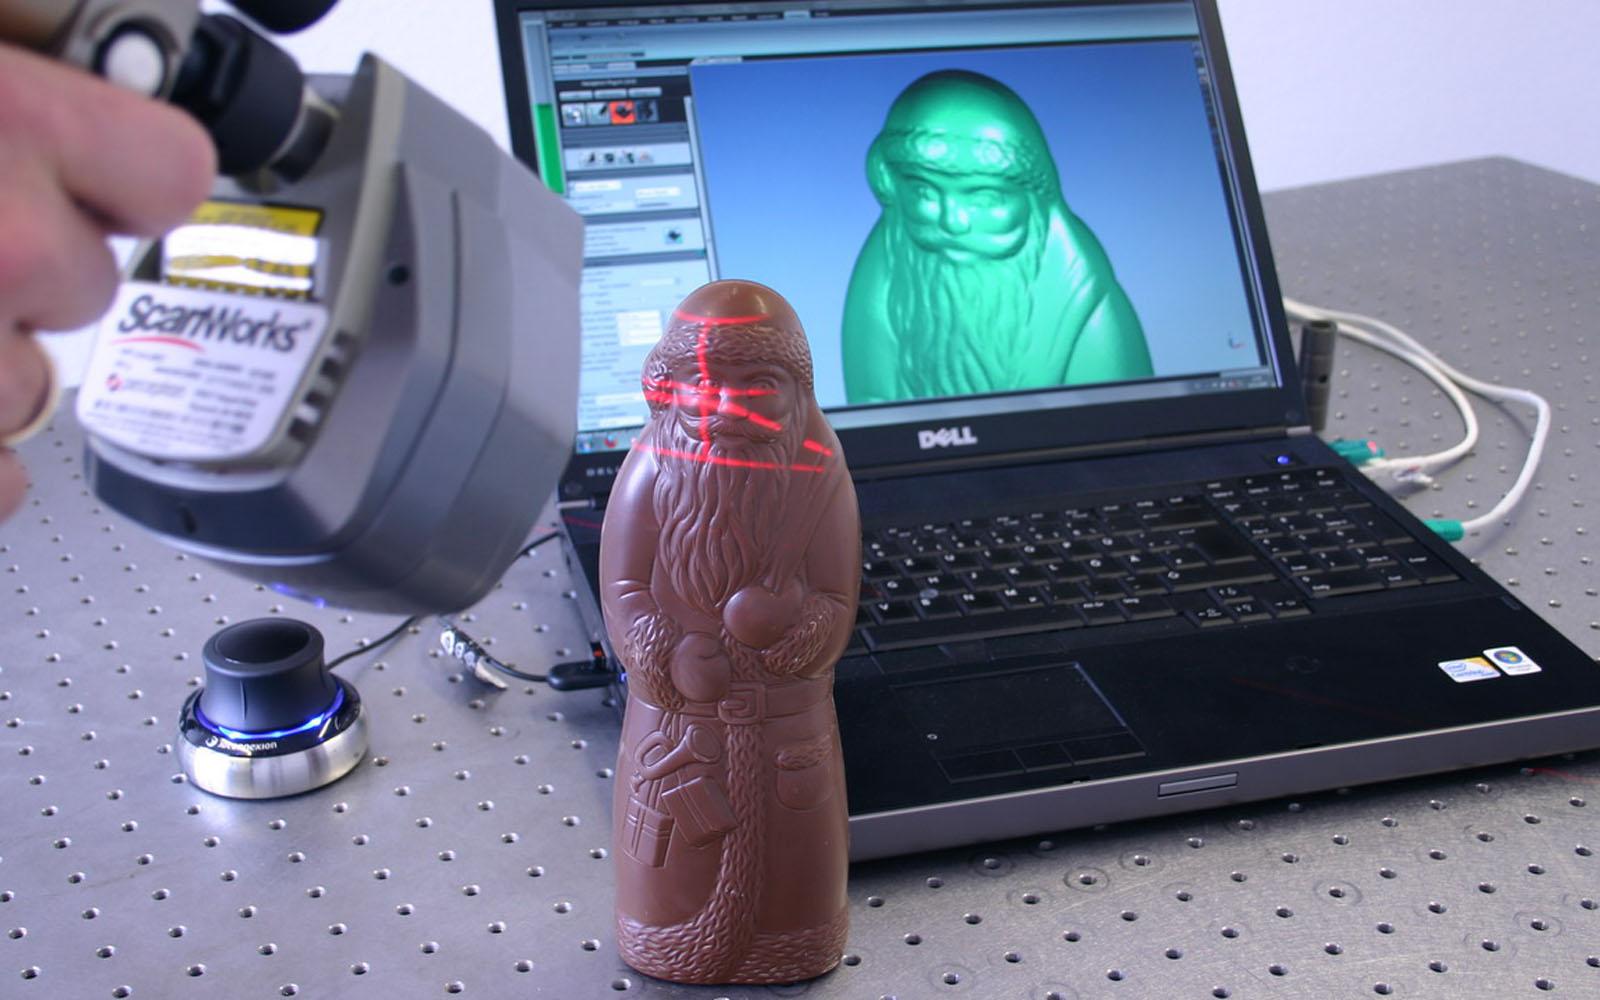 Conap 3D Qualitätskontrolle - Scan eines Schokoladen weihnachtsmannes